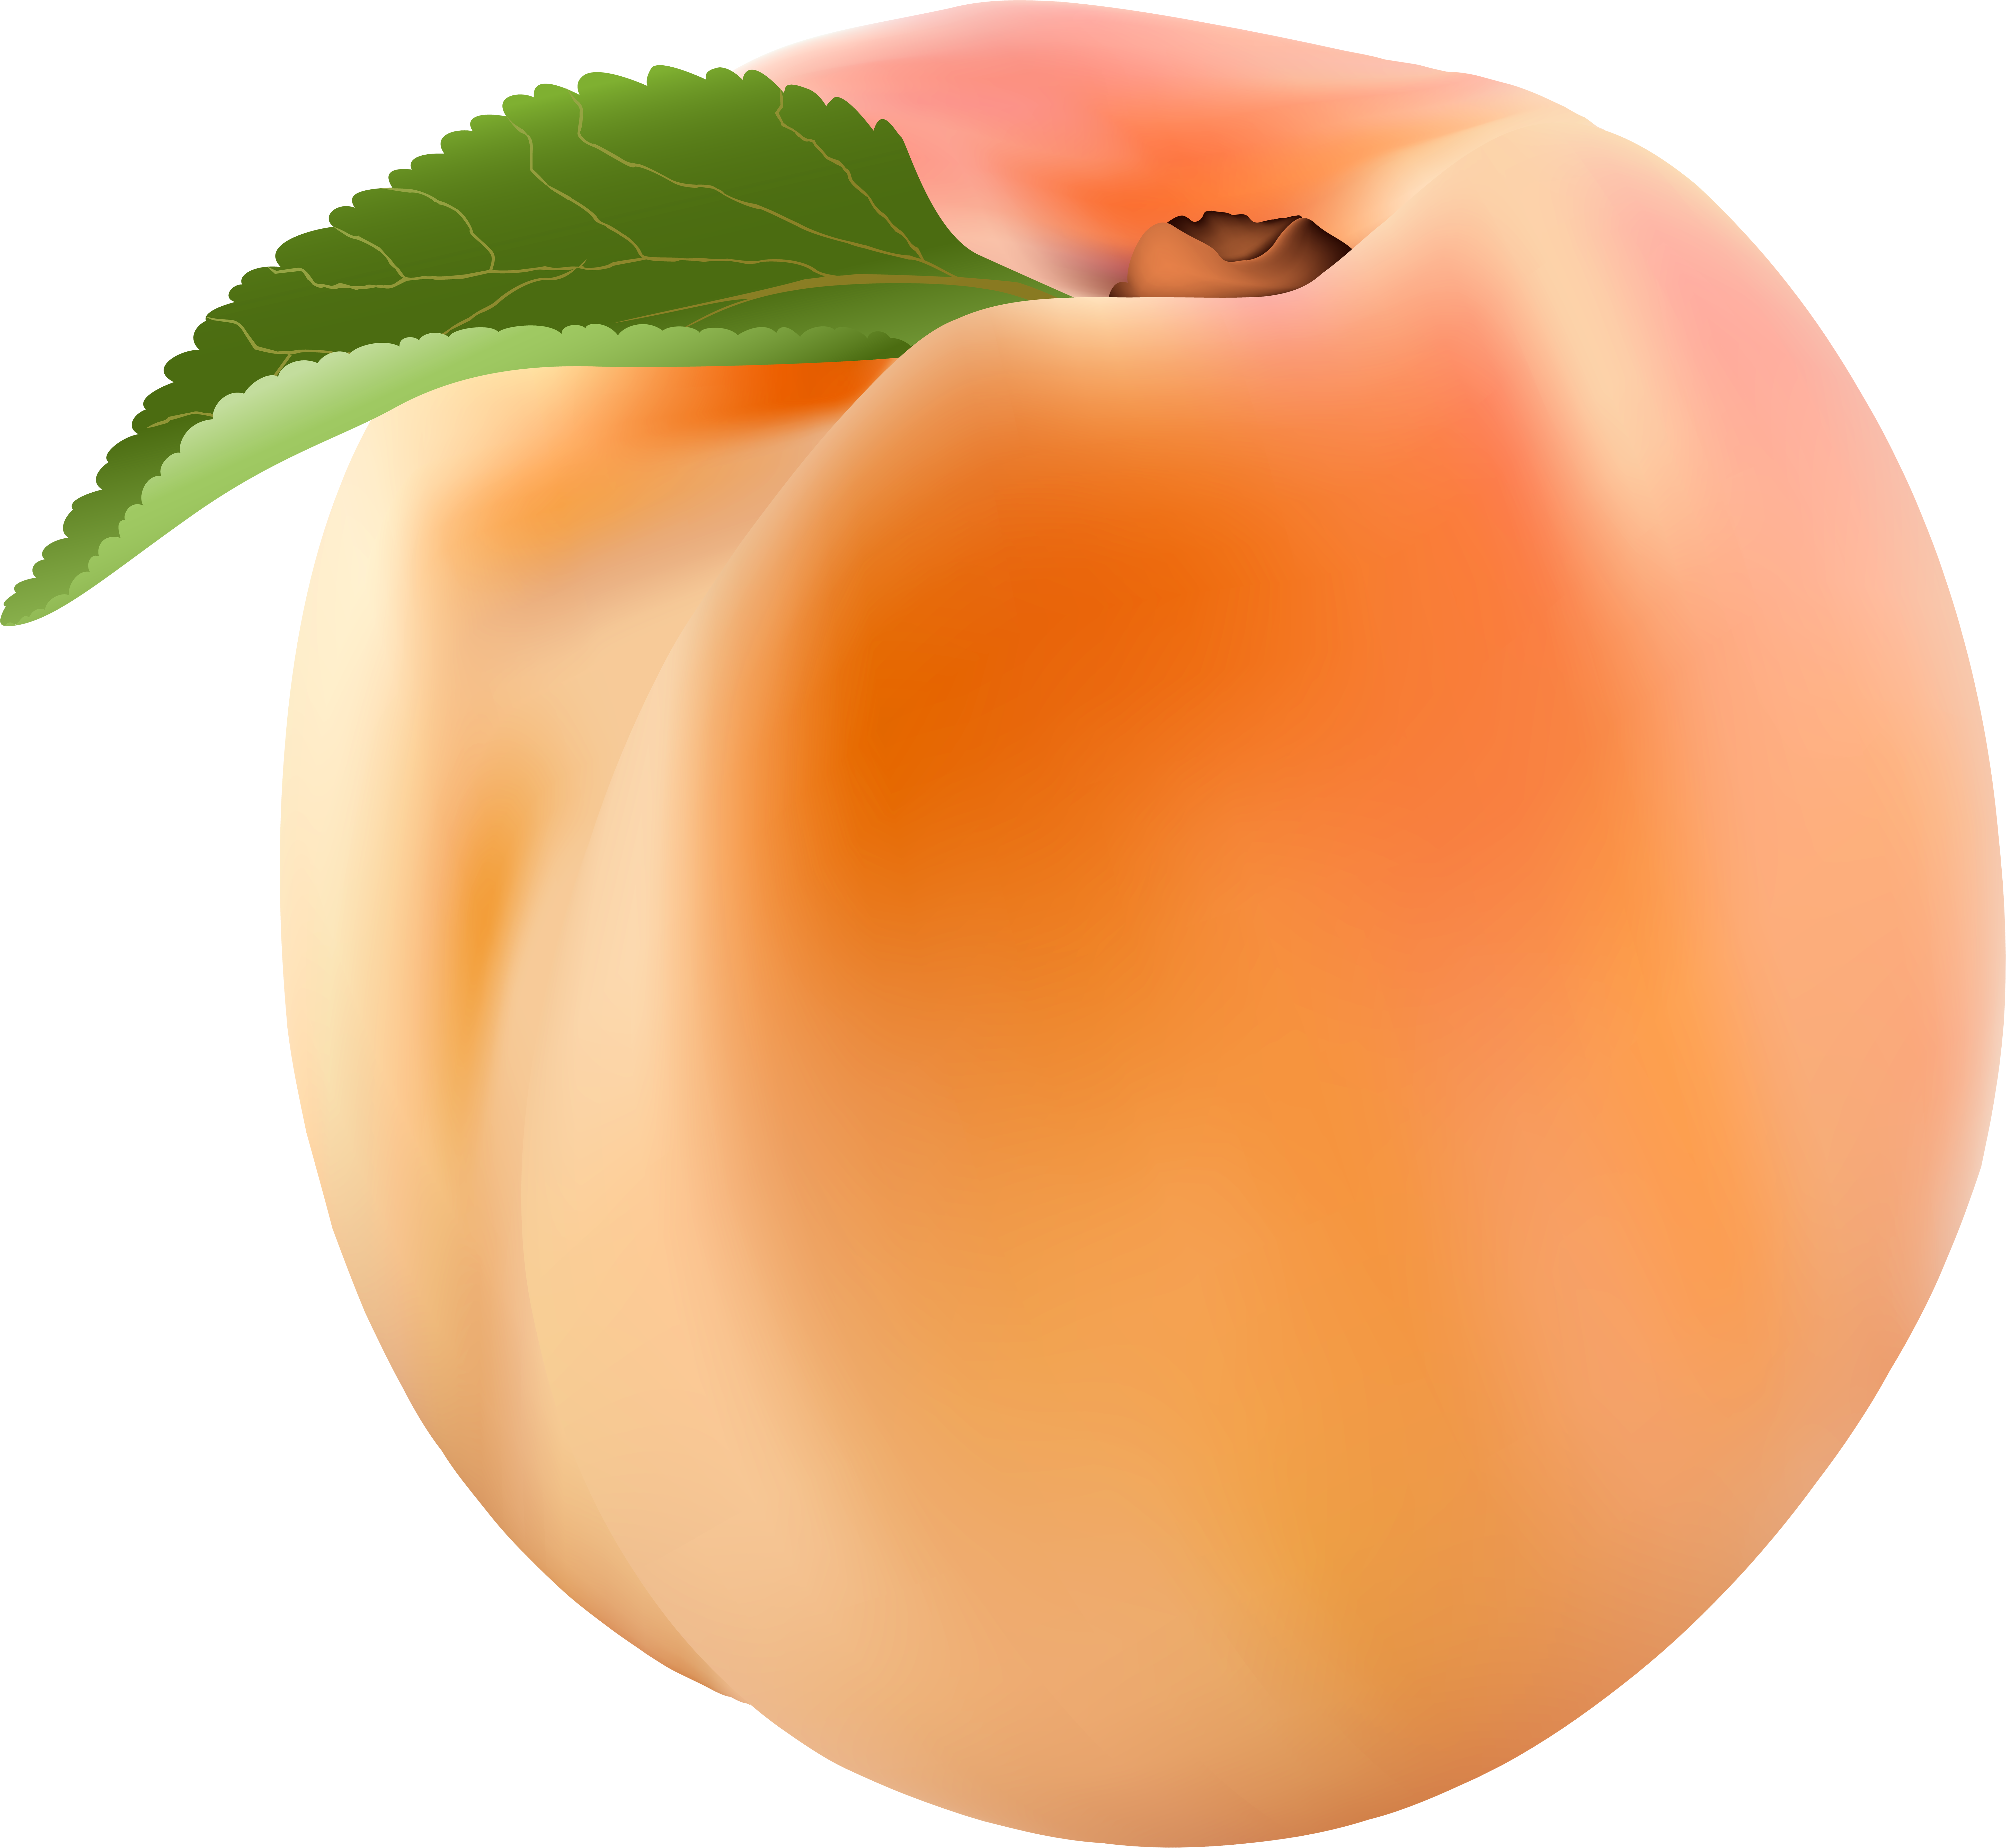 Персики картинка на прозрачном фоне